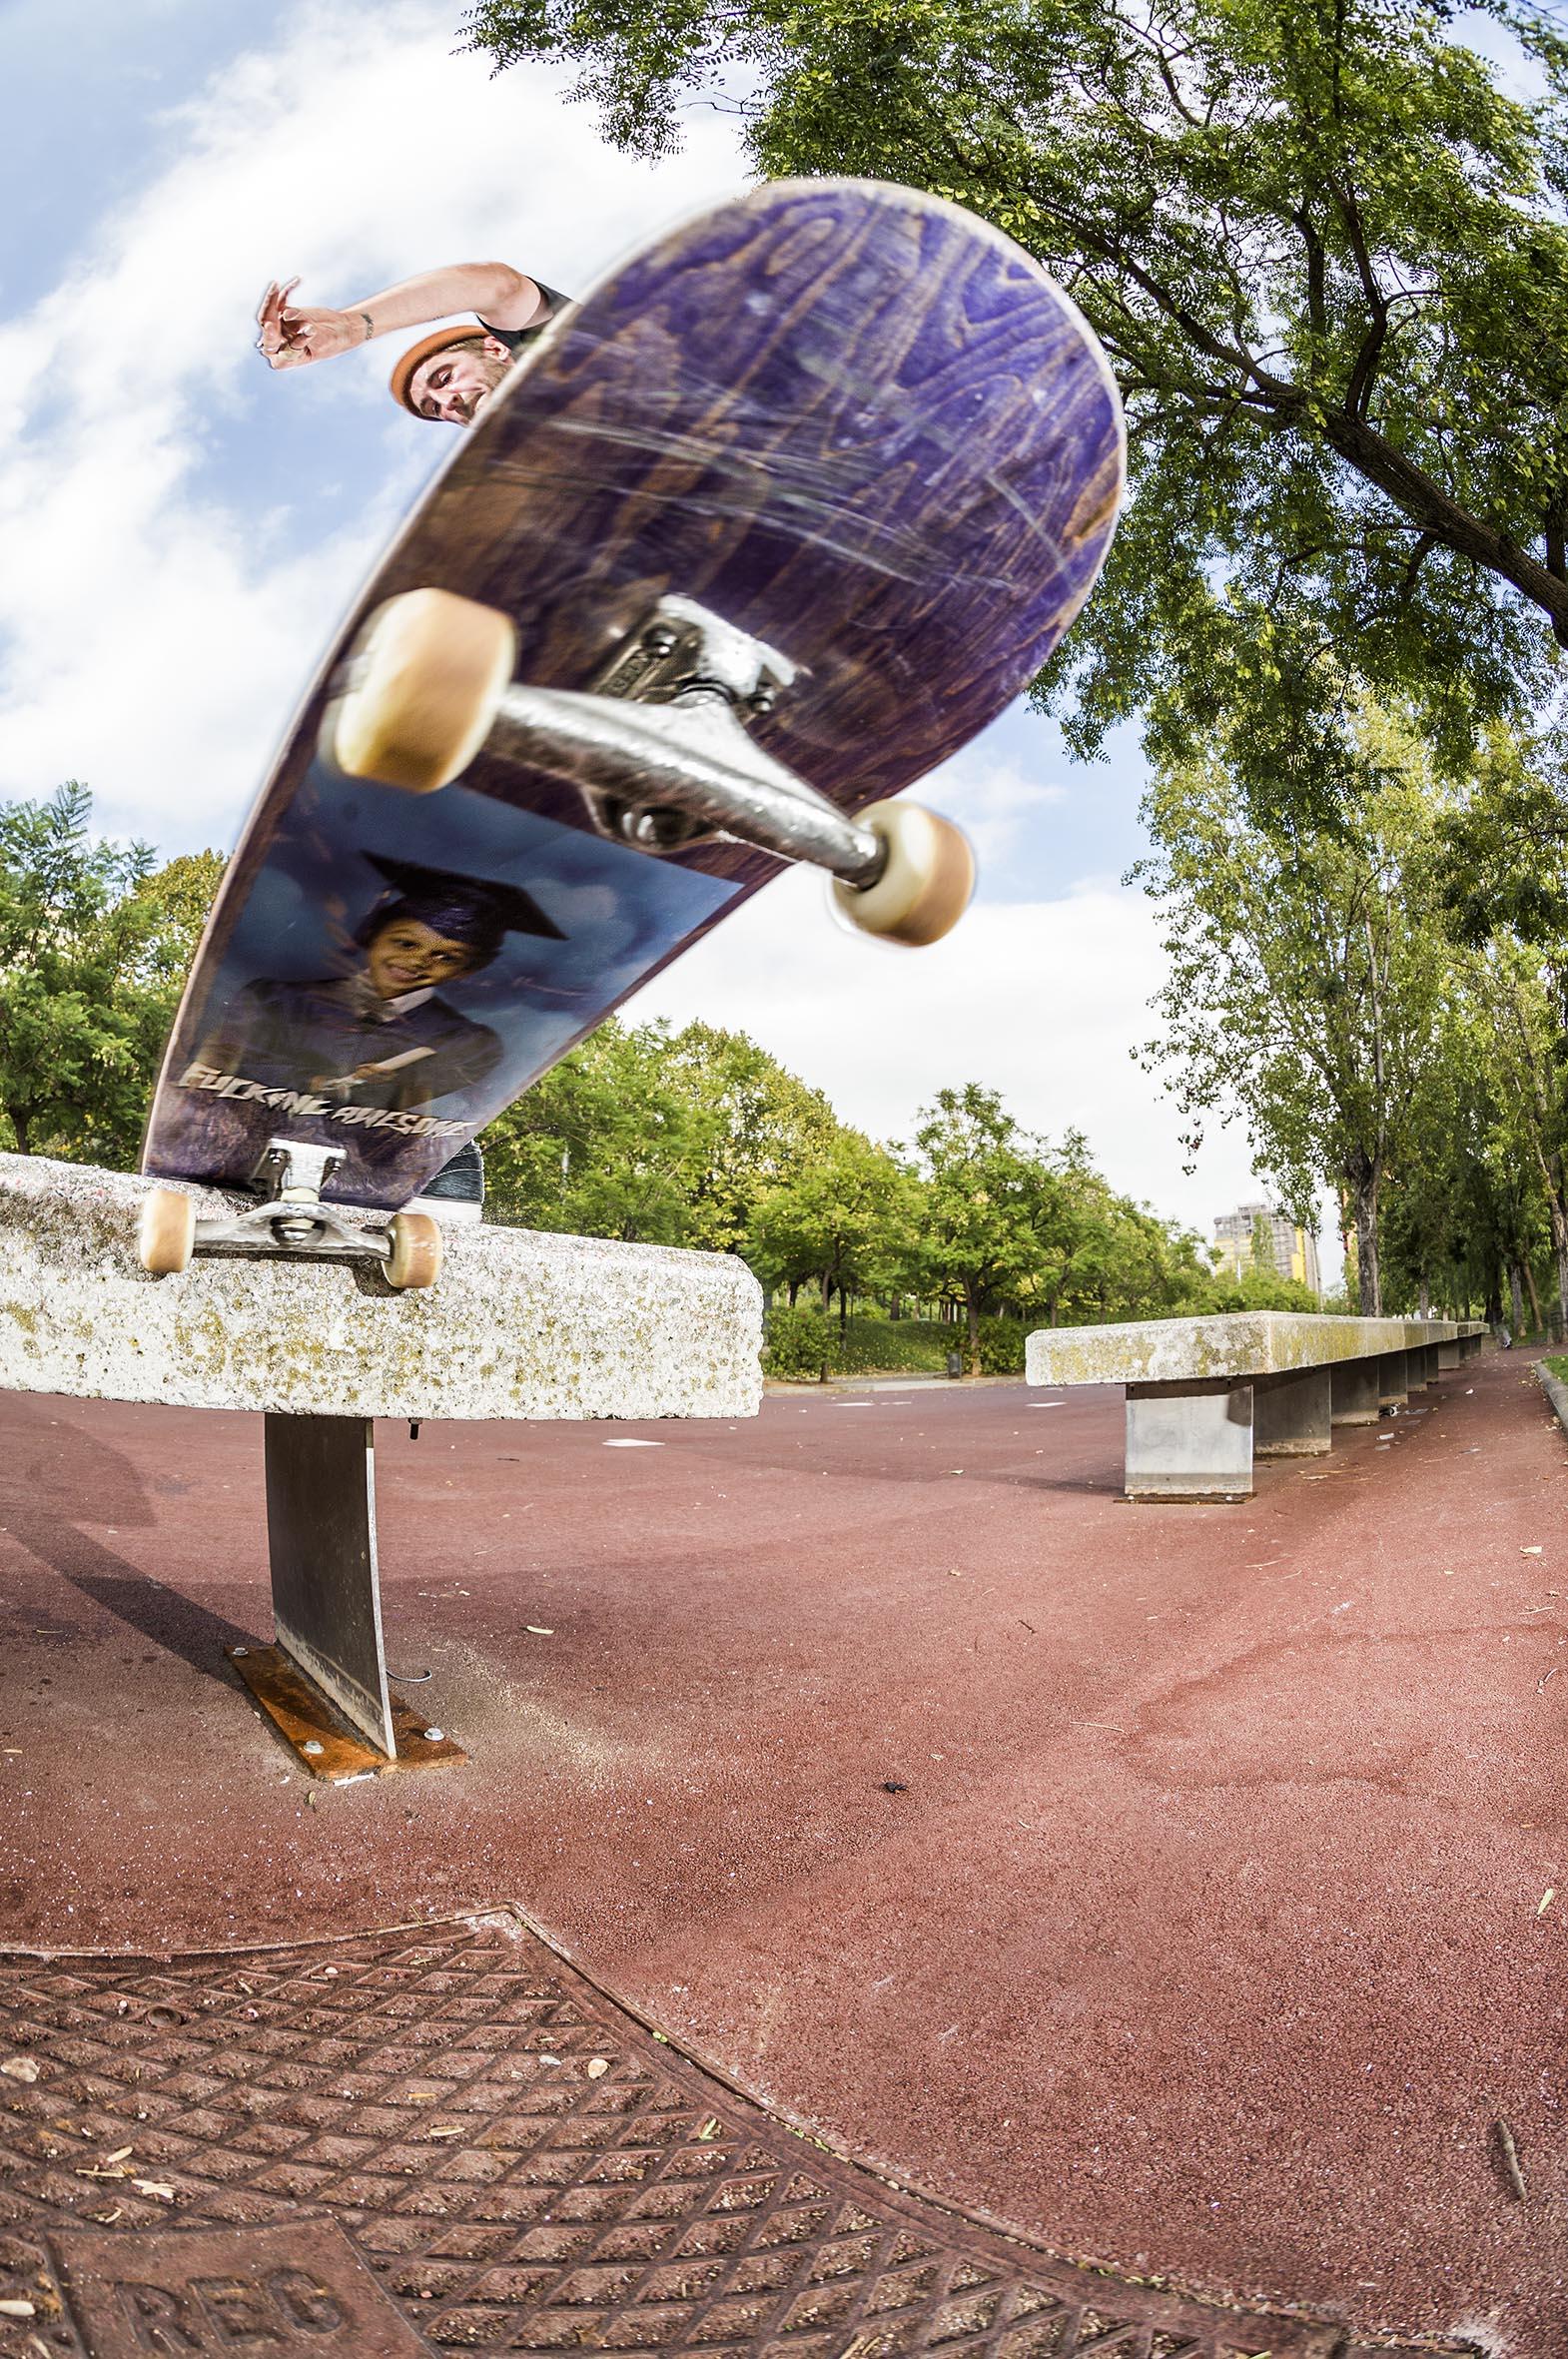 Tom Zealand - gap frontside tailslide